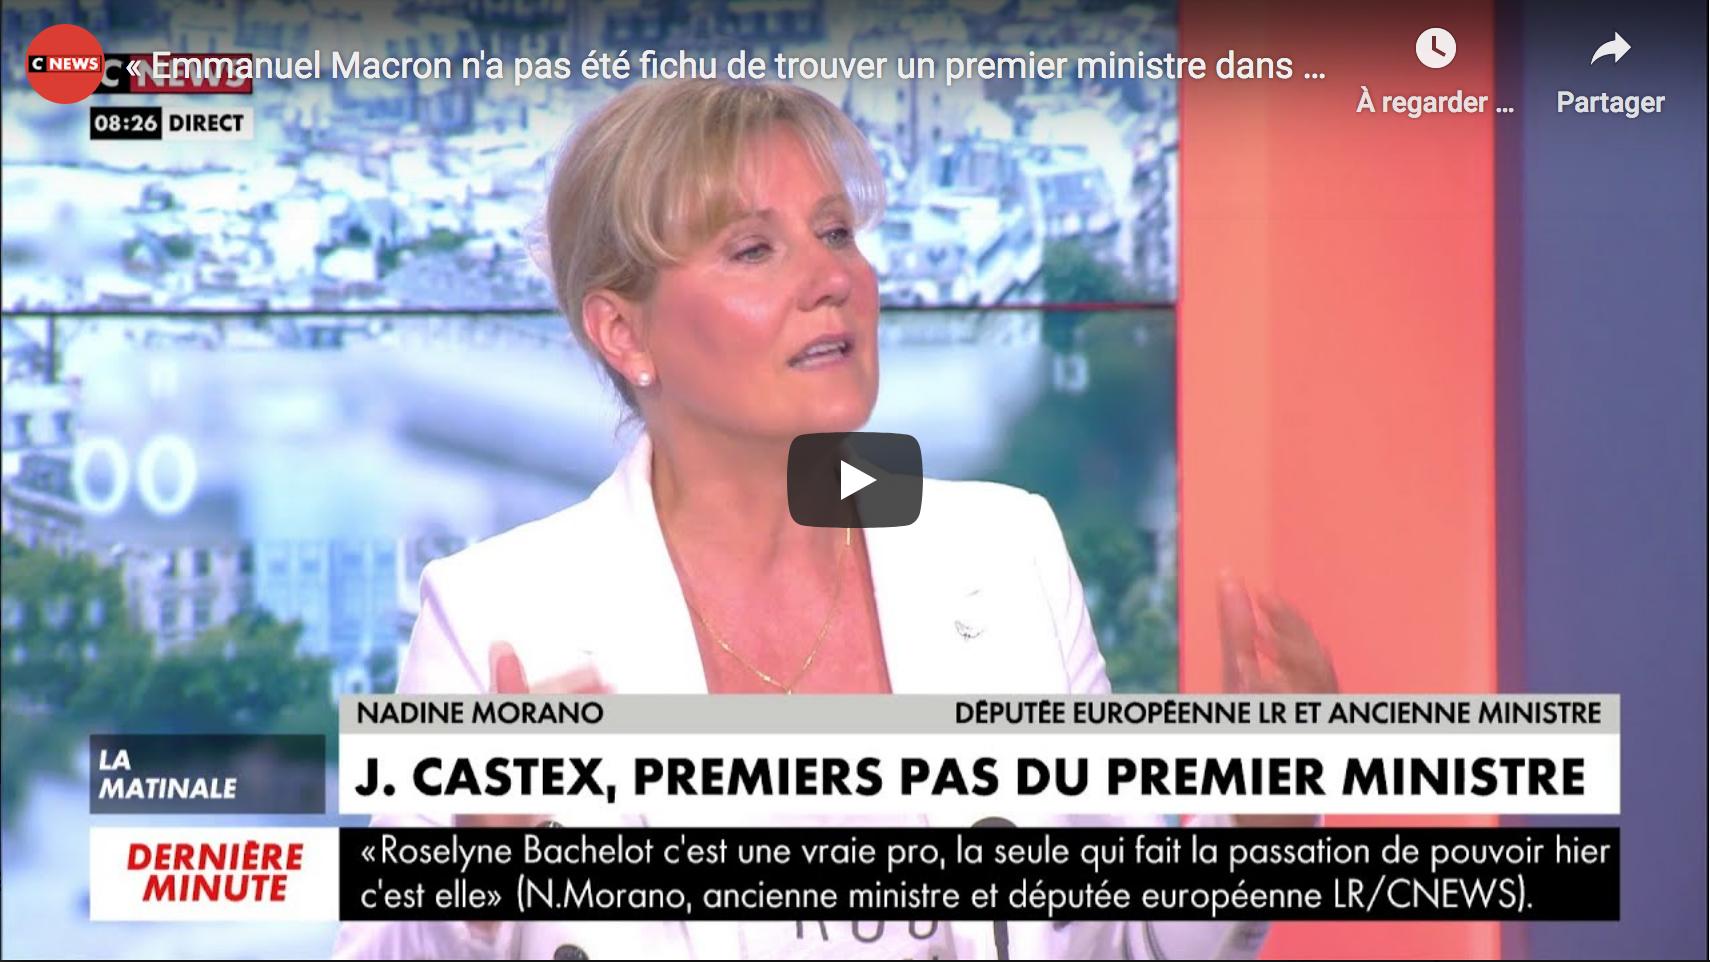 Nadine Morano : « Emmanuel Macron n'a pas été fichu de trouver un premier ministre dans sa majorité parlementaire ! » (VIDÉO)